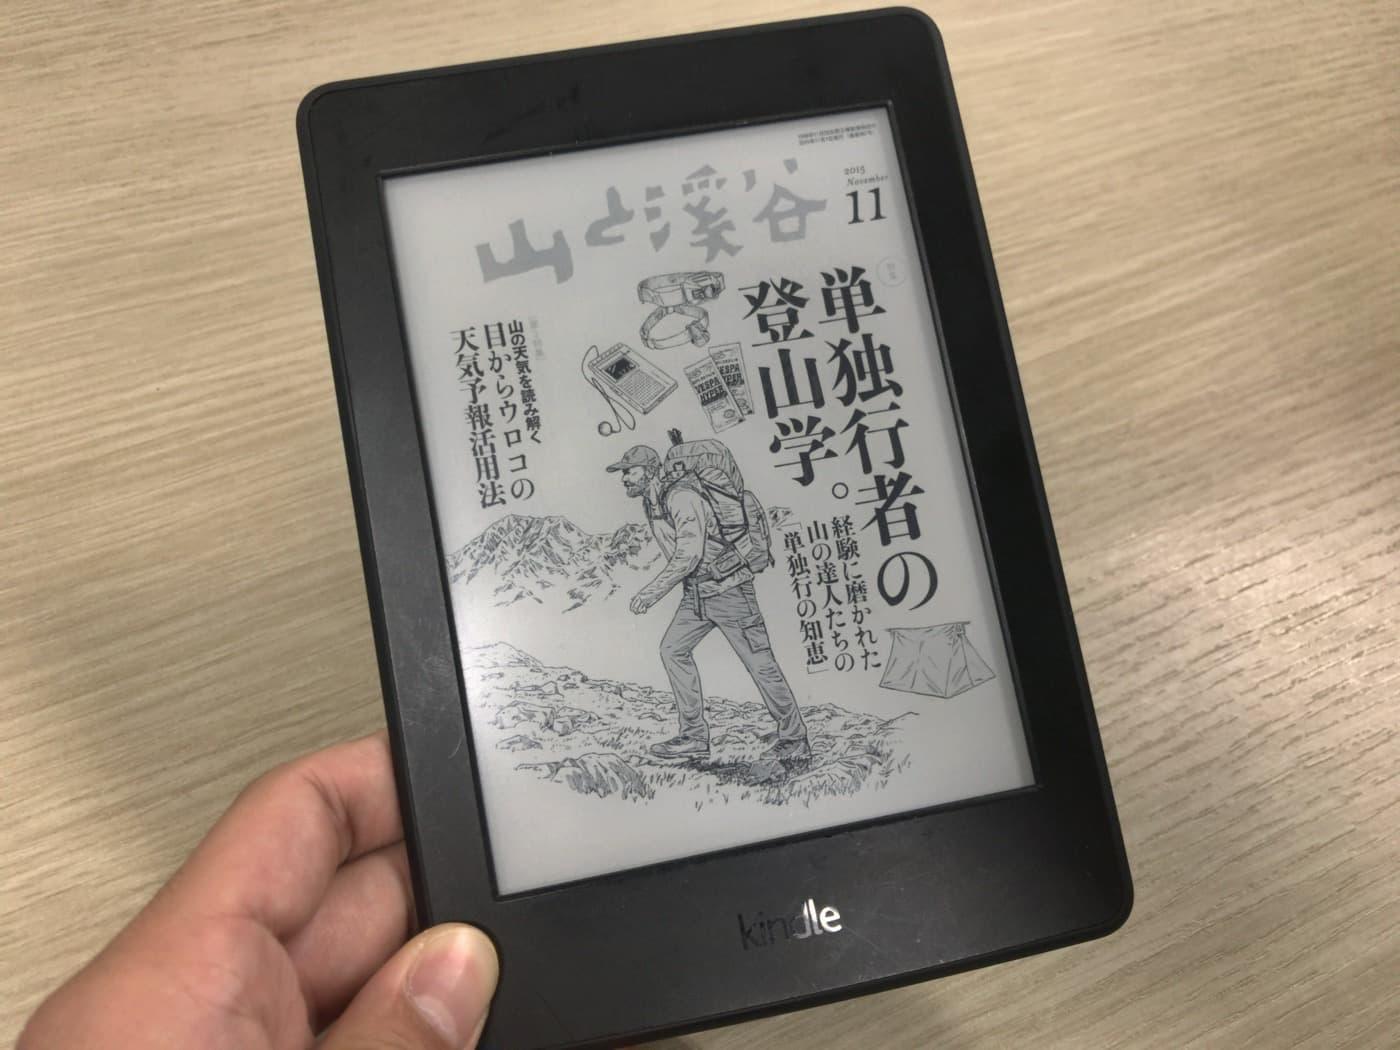 Kindle Paperwhite を使いやすくする設定はコレ 白黒反転がちょっと